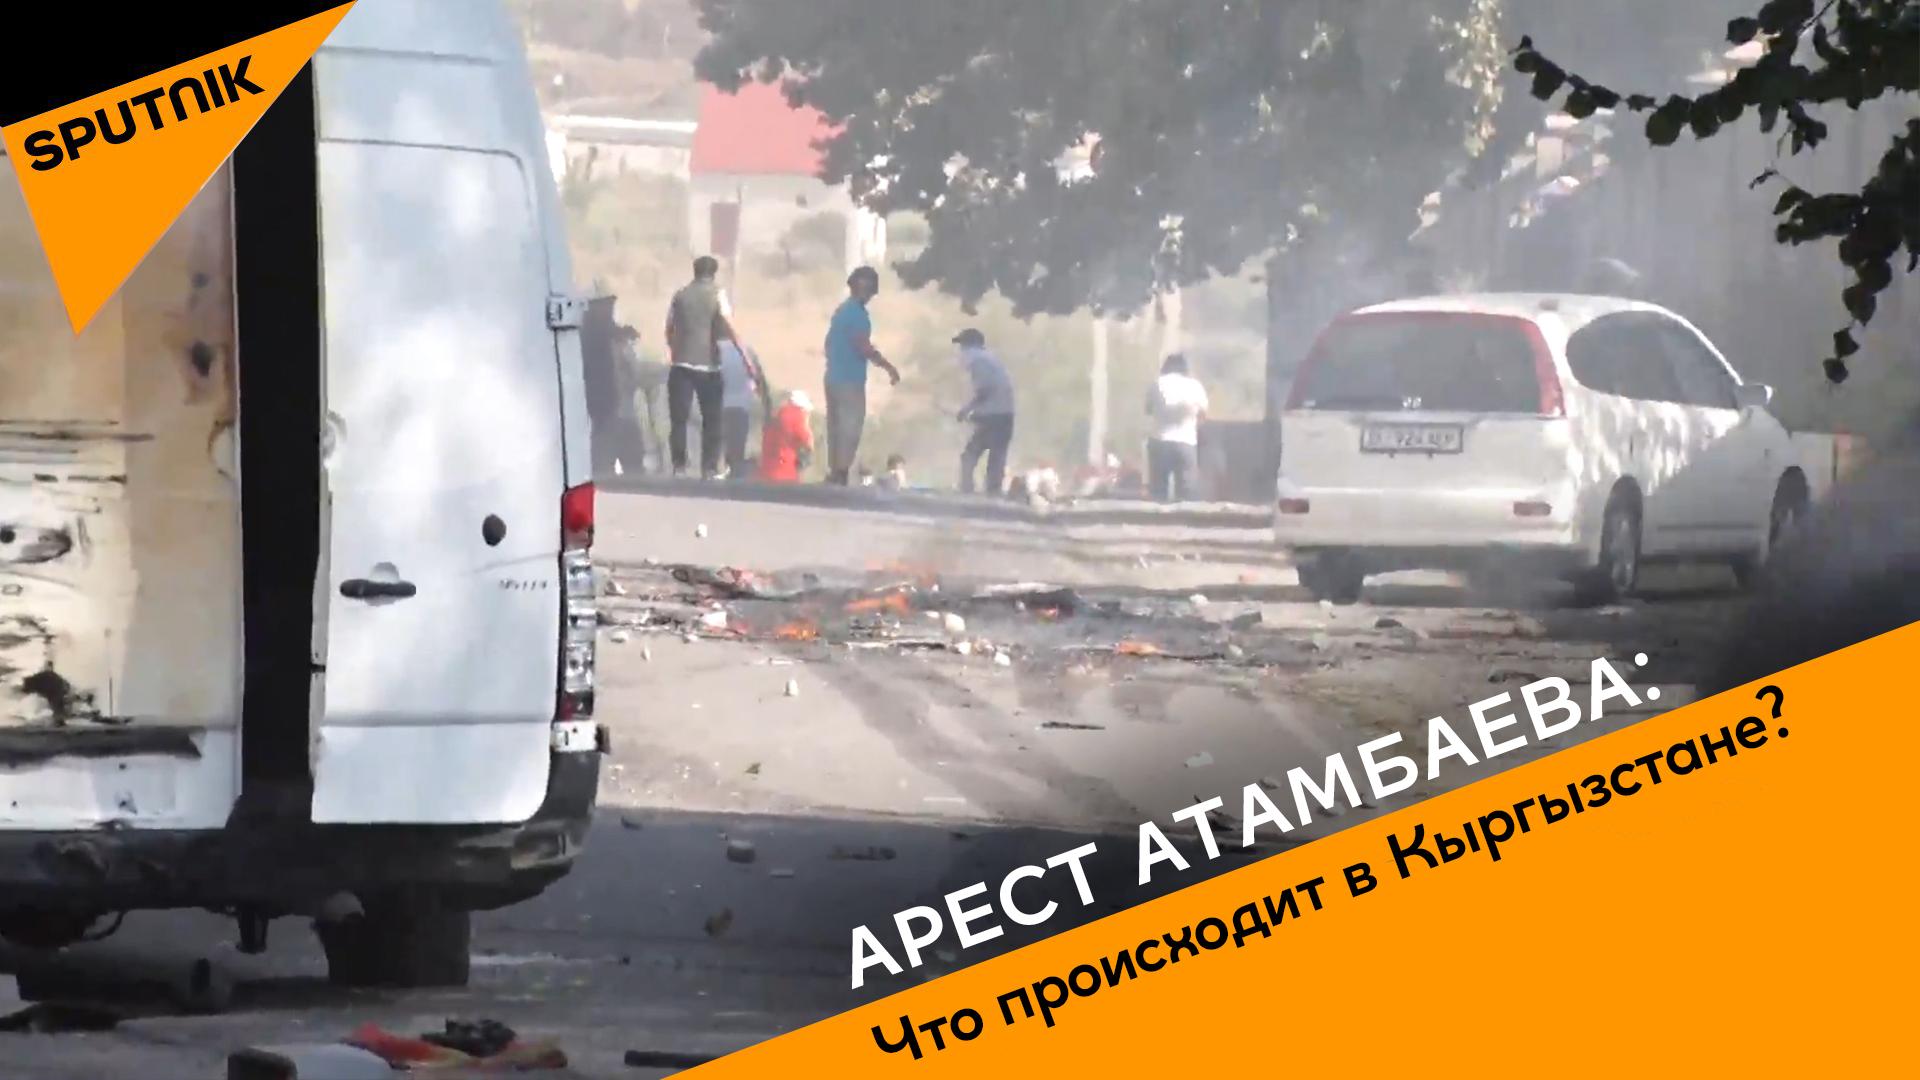 Арест Атамбаева: что происходит в Кыргызстане?